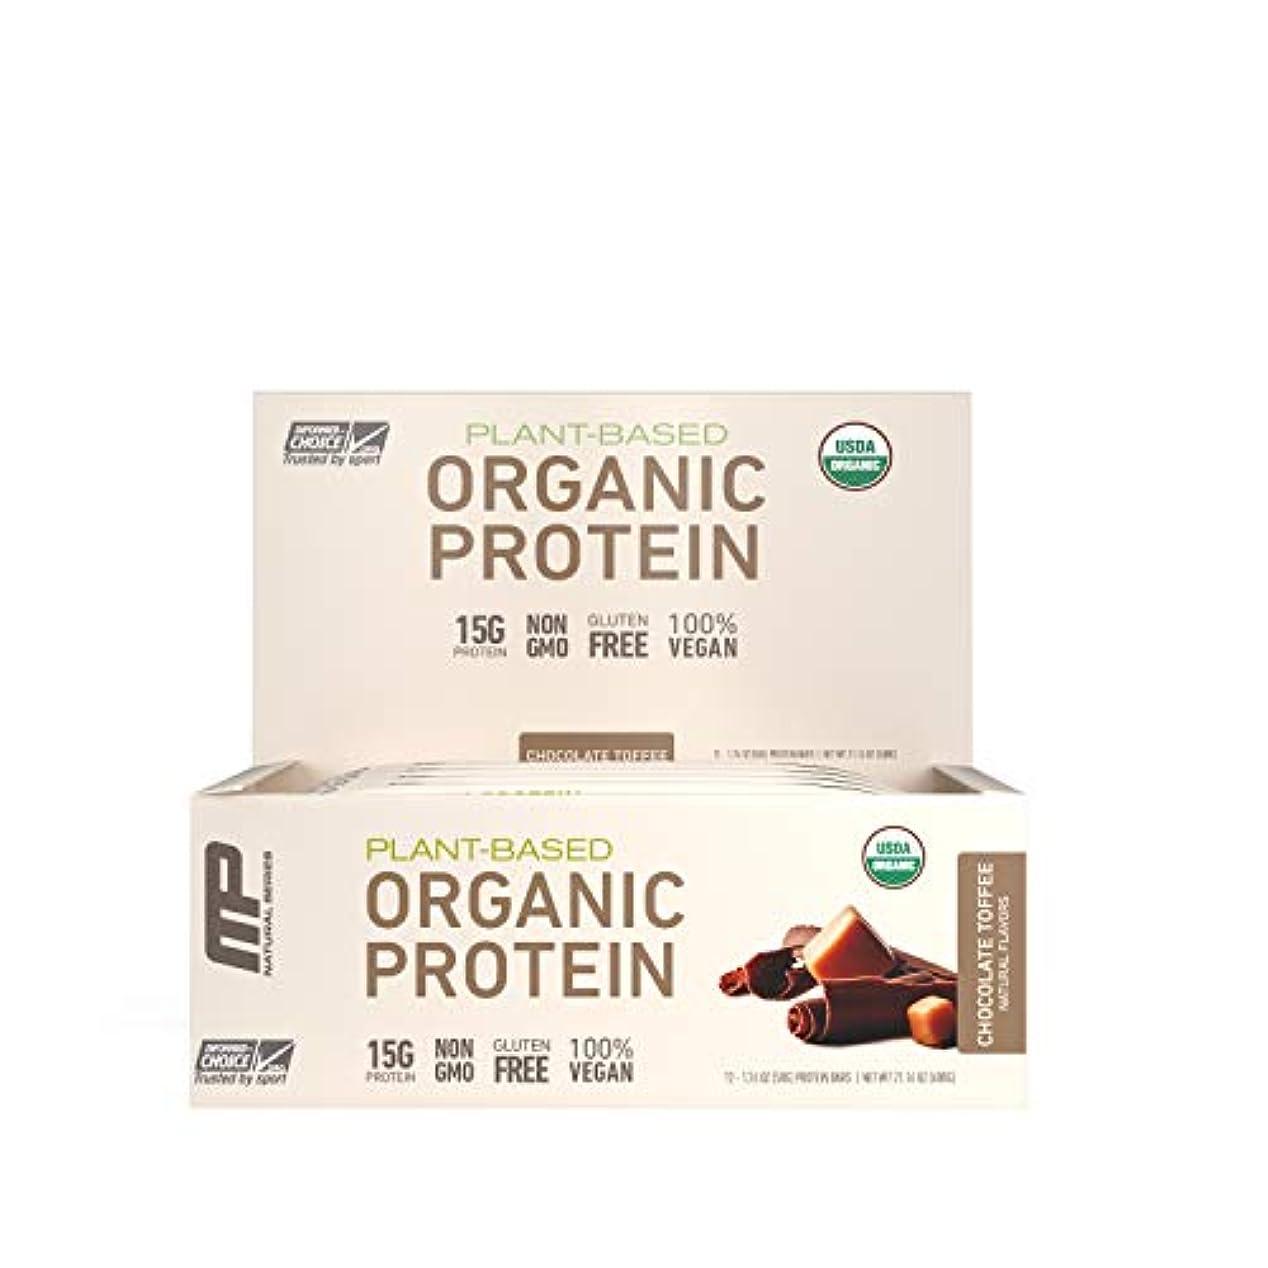 略奪困難配列MusclePharm Natural オーガニック?プロテインバー(チョコレート?トフィー12本) (600 g) 海外直送品